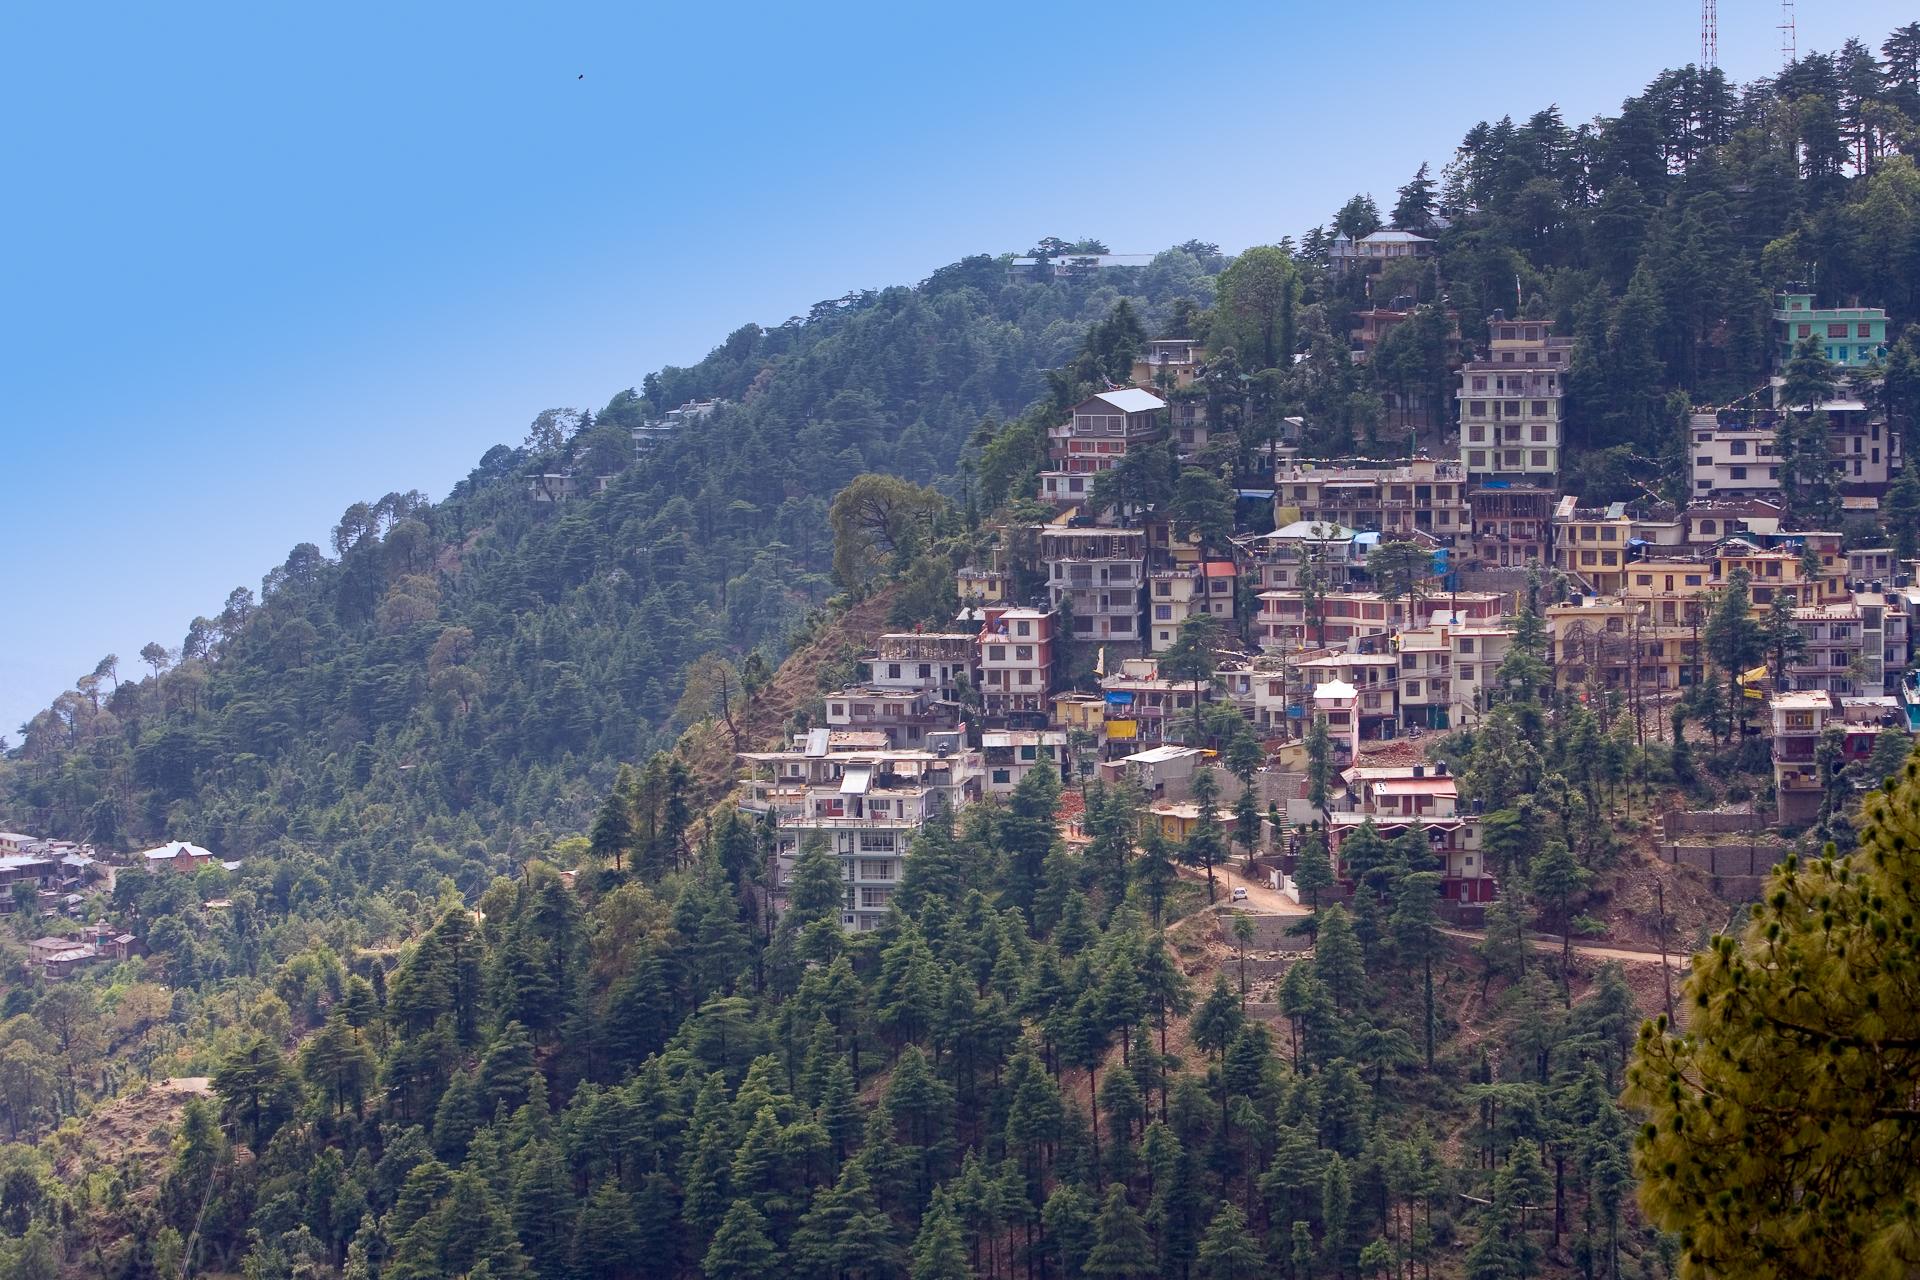 Shimla sits on top of a beautiful mountain ridge.